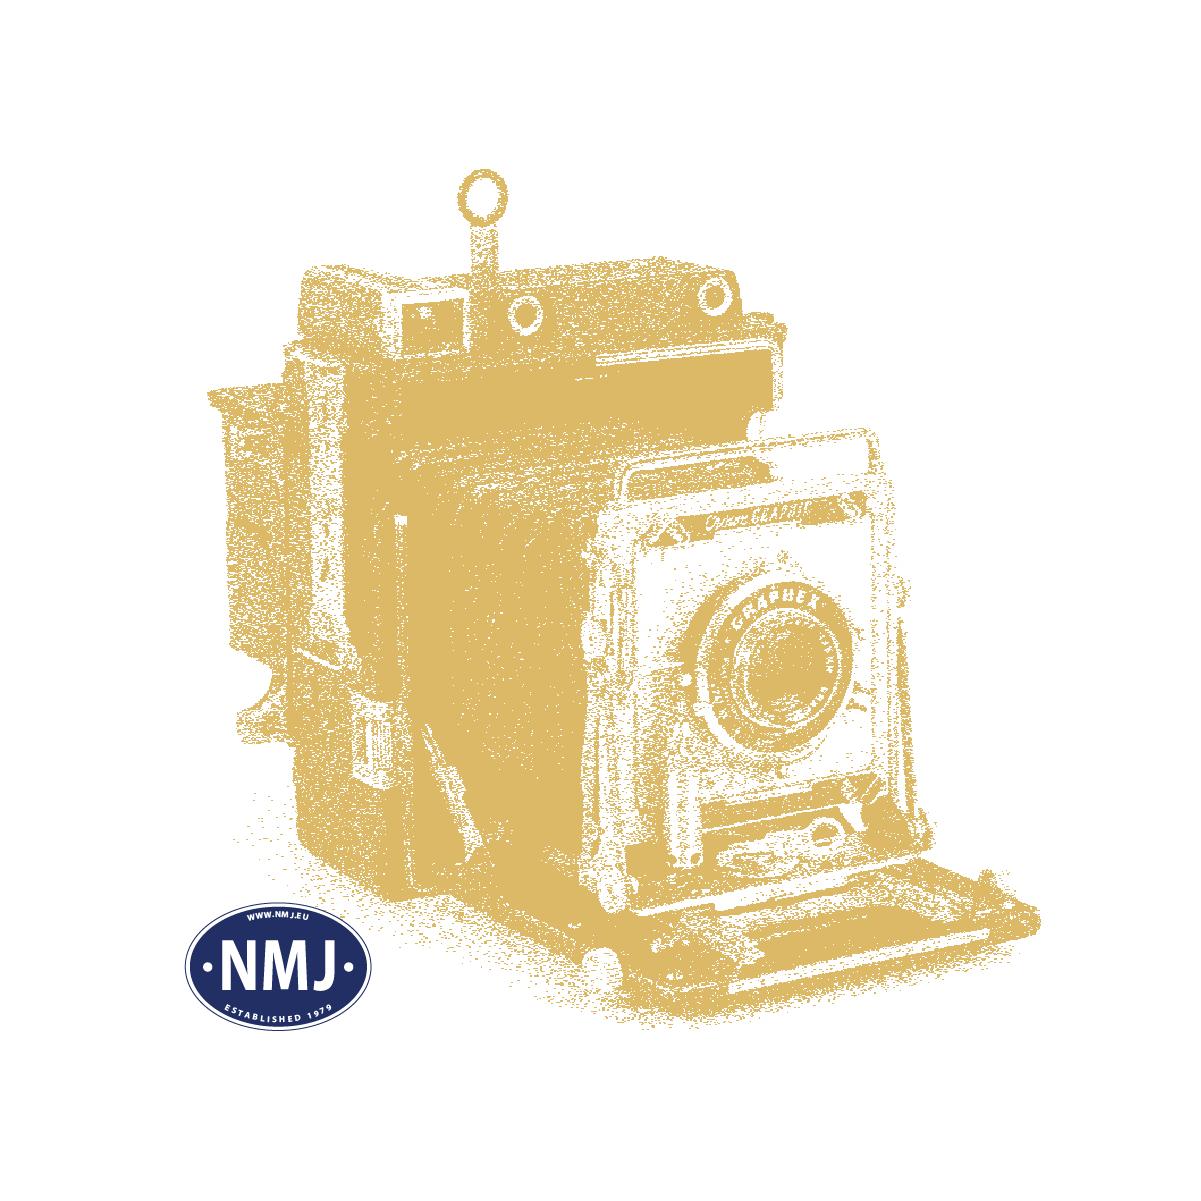 NMJT245302 - NMJ Topline CFL 1603, 0-Scale, DCC w/ Sound